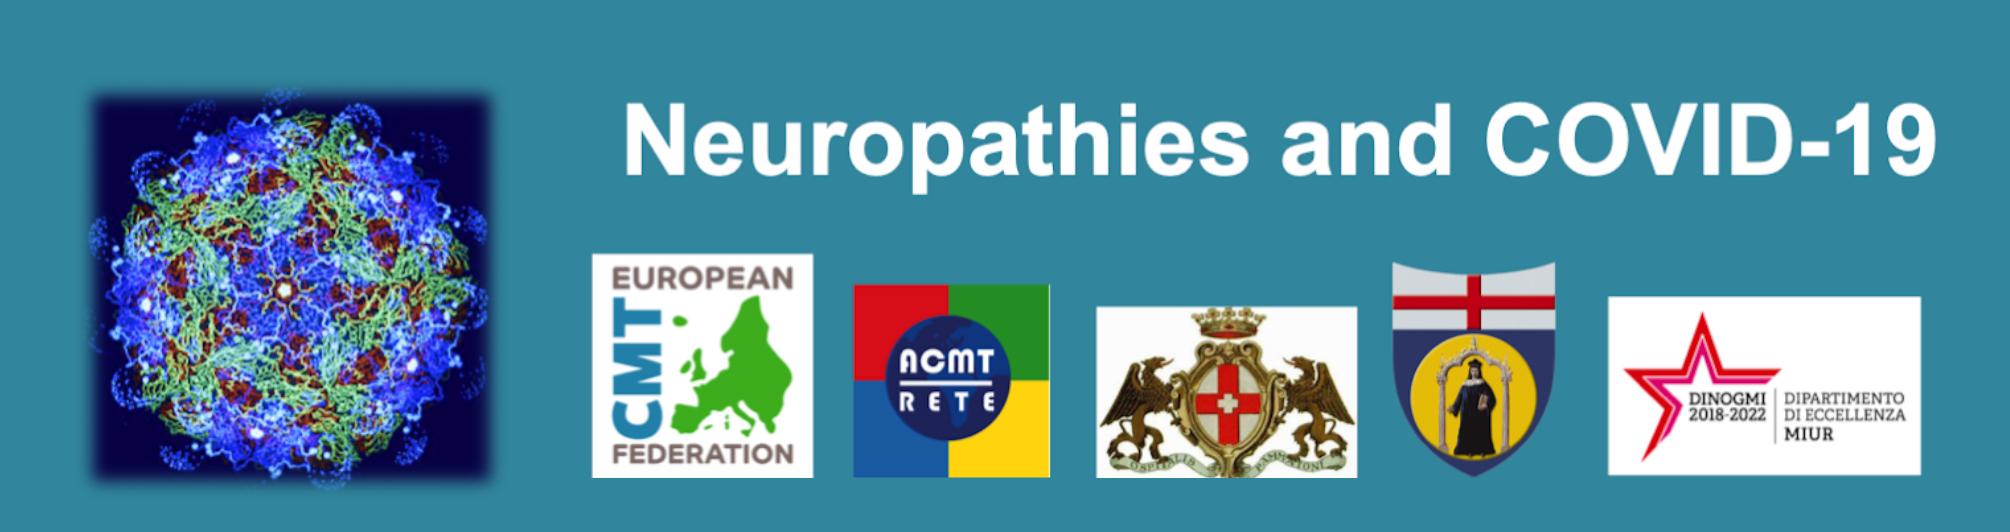 Rotary-Mechelen-en-SV-delen-mondmaskers-uit_beeld Actueel